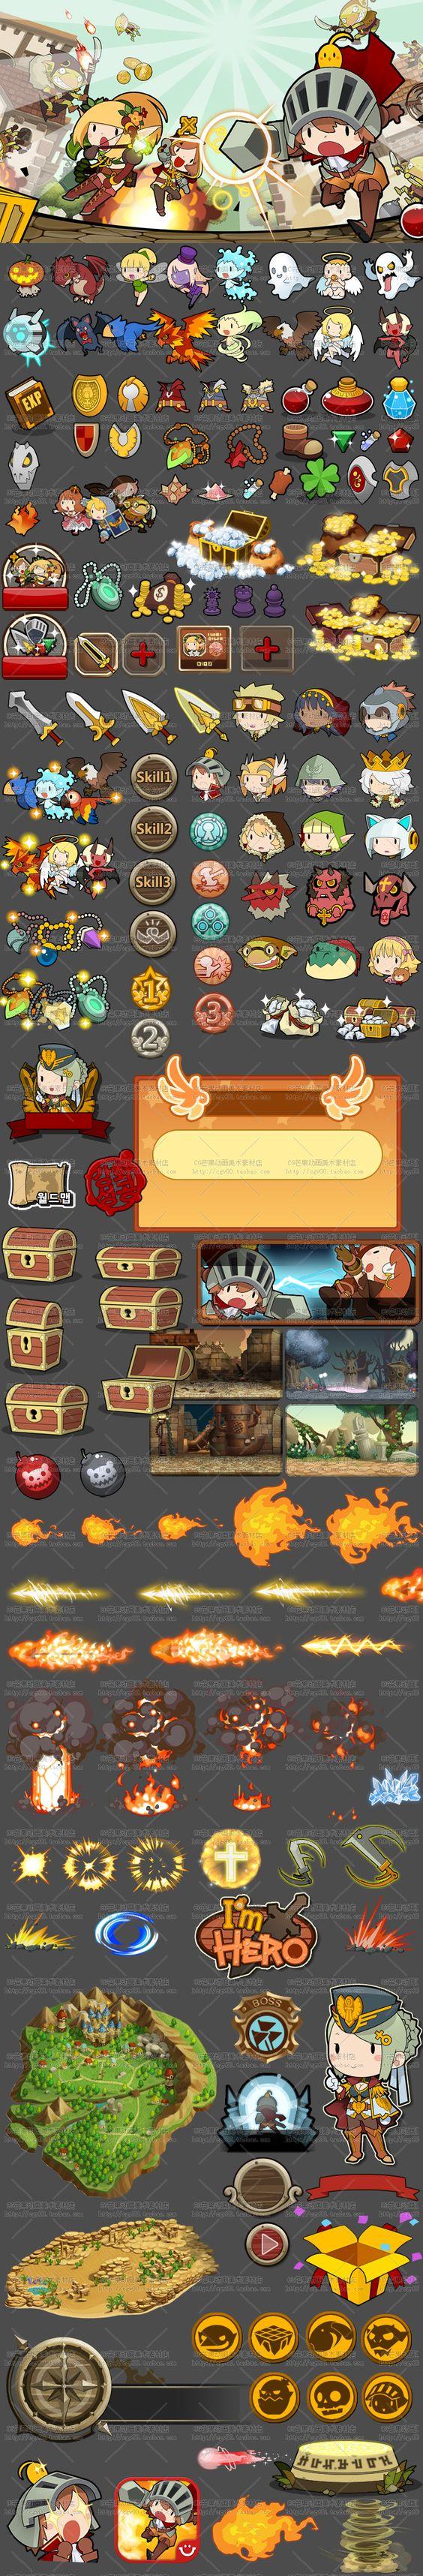 【游戏美术资源】韩国手游《1'm Hero》可爱Q版UI素材/界面/图标 特效